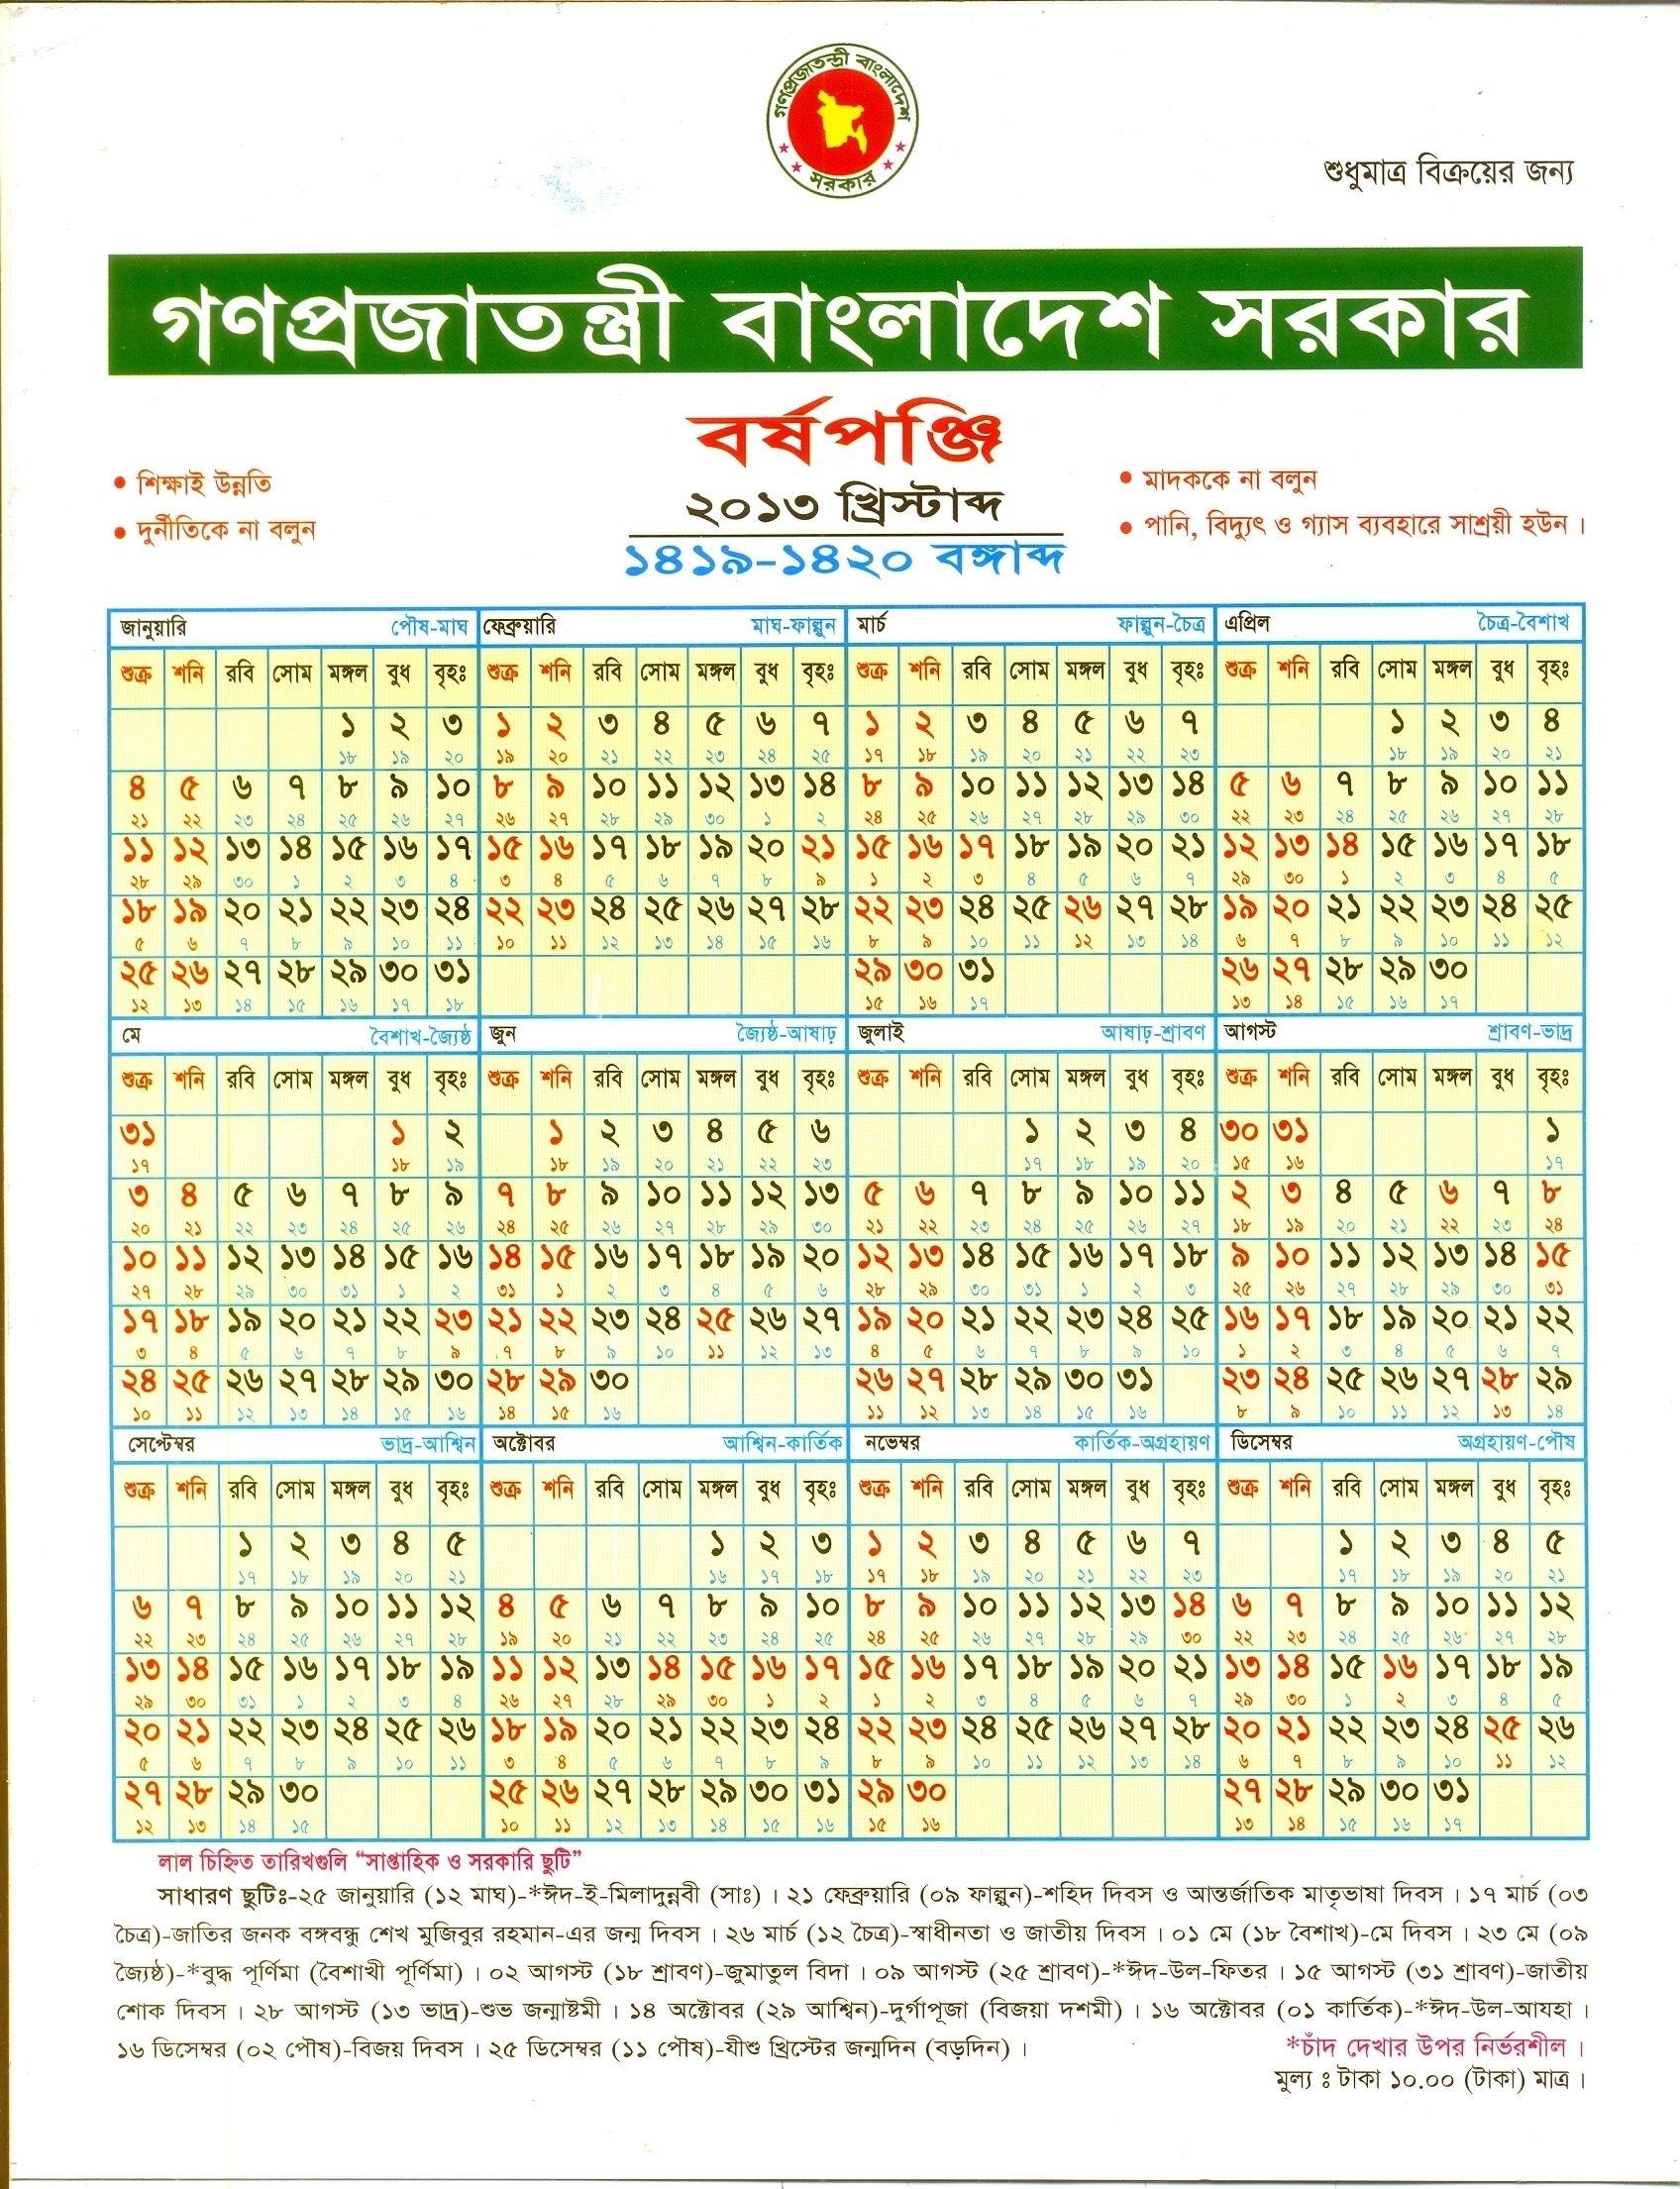 Bd Govt. Calendar 2013 (1) | Bangladesh Govt. Calendars | Calendar throughout Calendar 2015 With Bangla Calendar